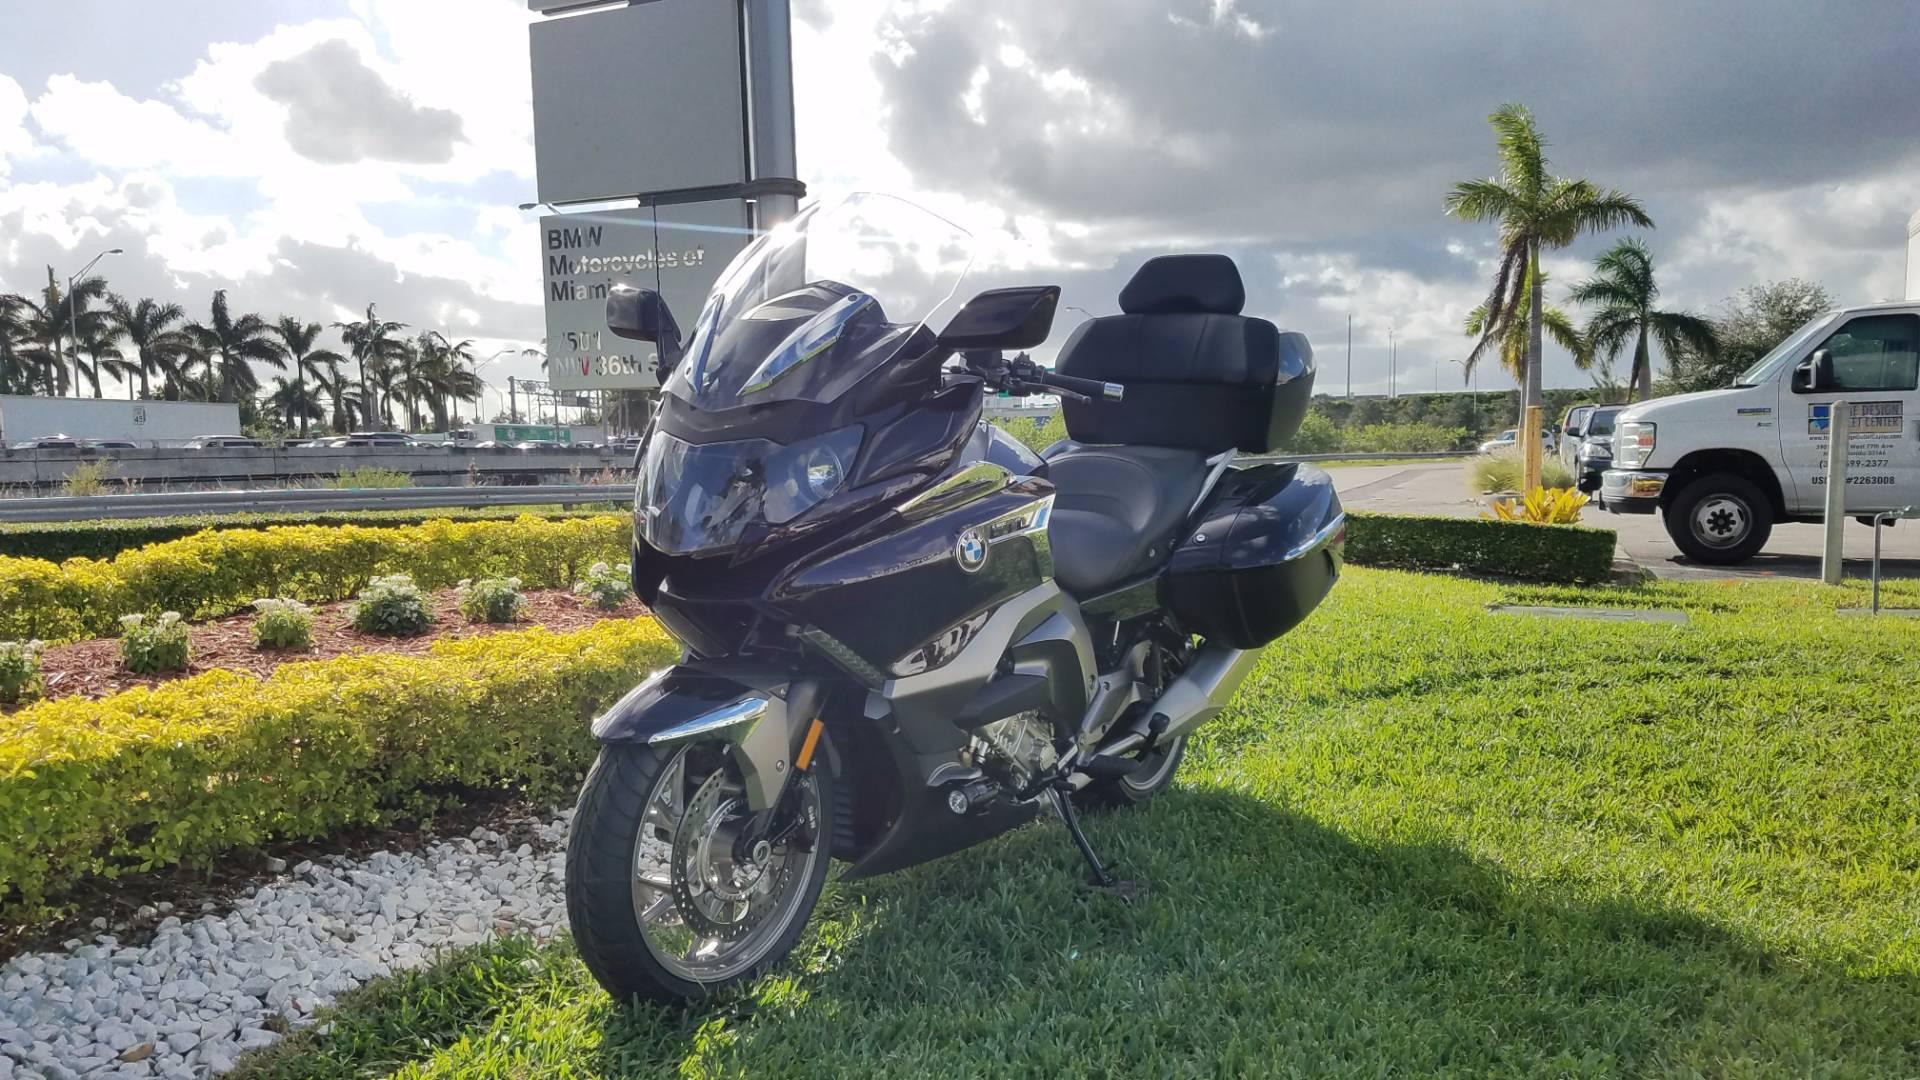 2018 K 1600 GTL